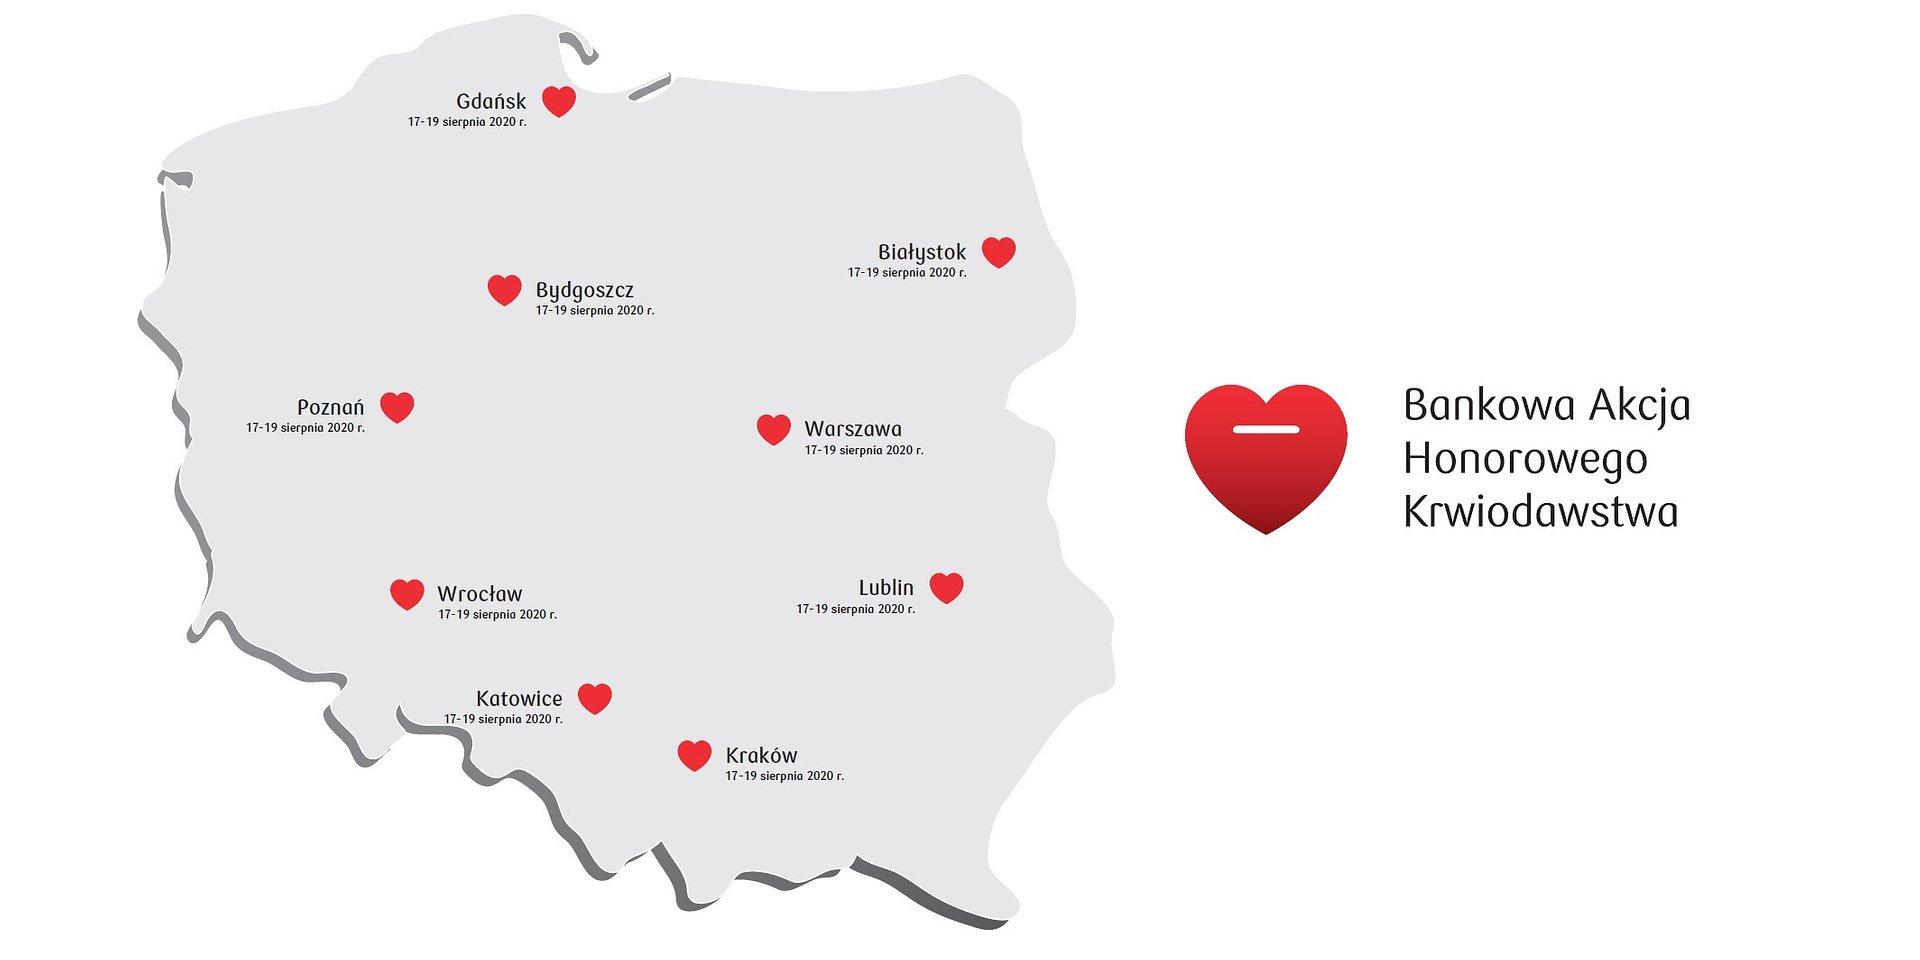 Przyłącz się do Bankowej Akcji Honorowego Krwiodawstwa w Poznaniu